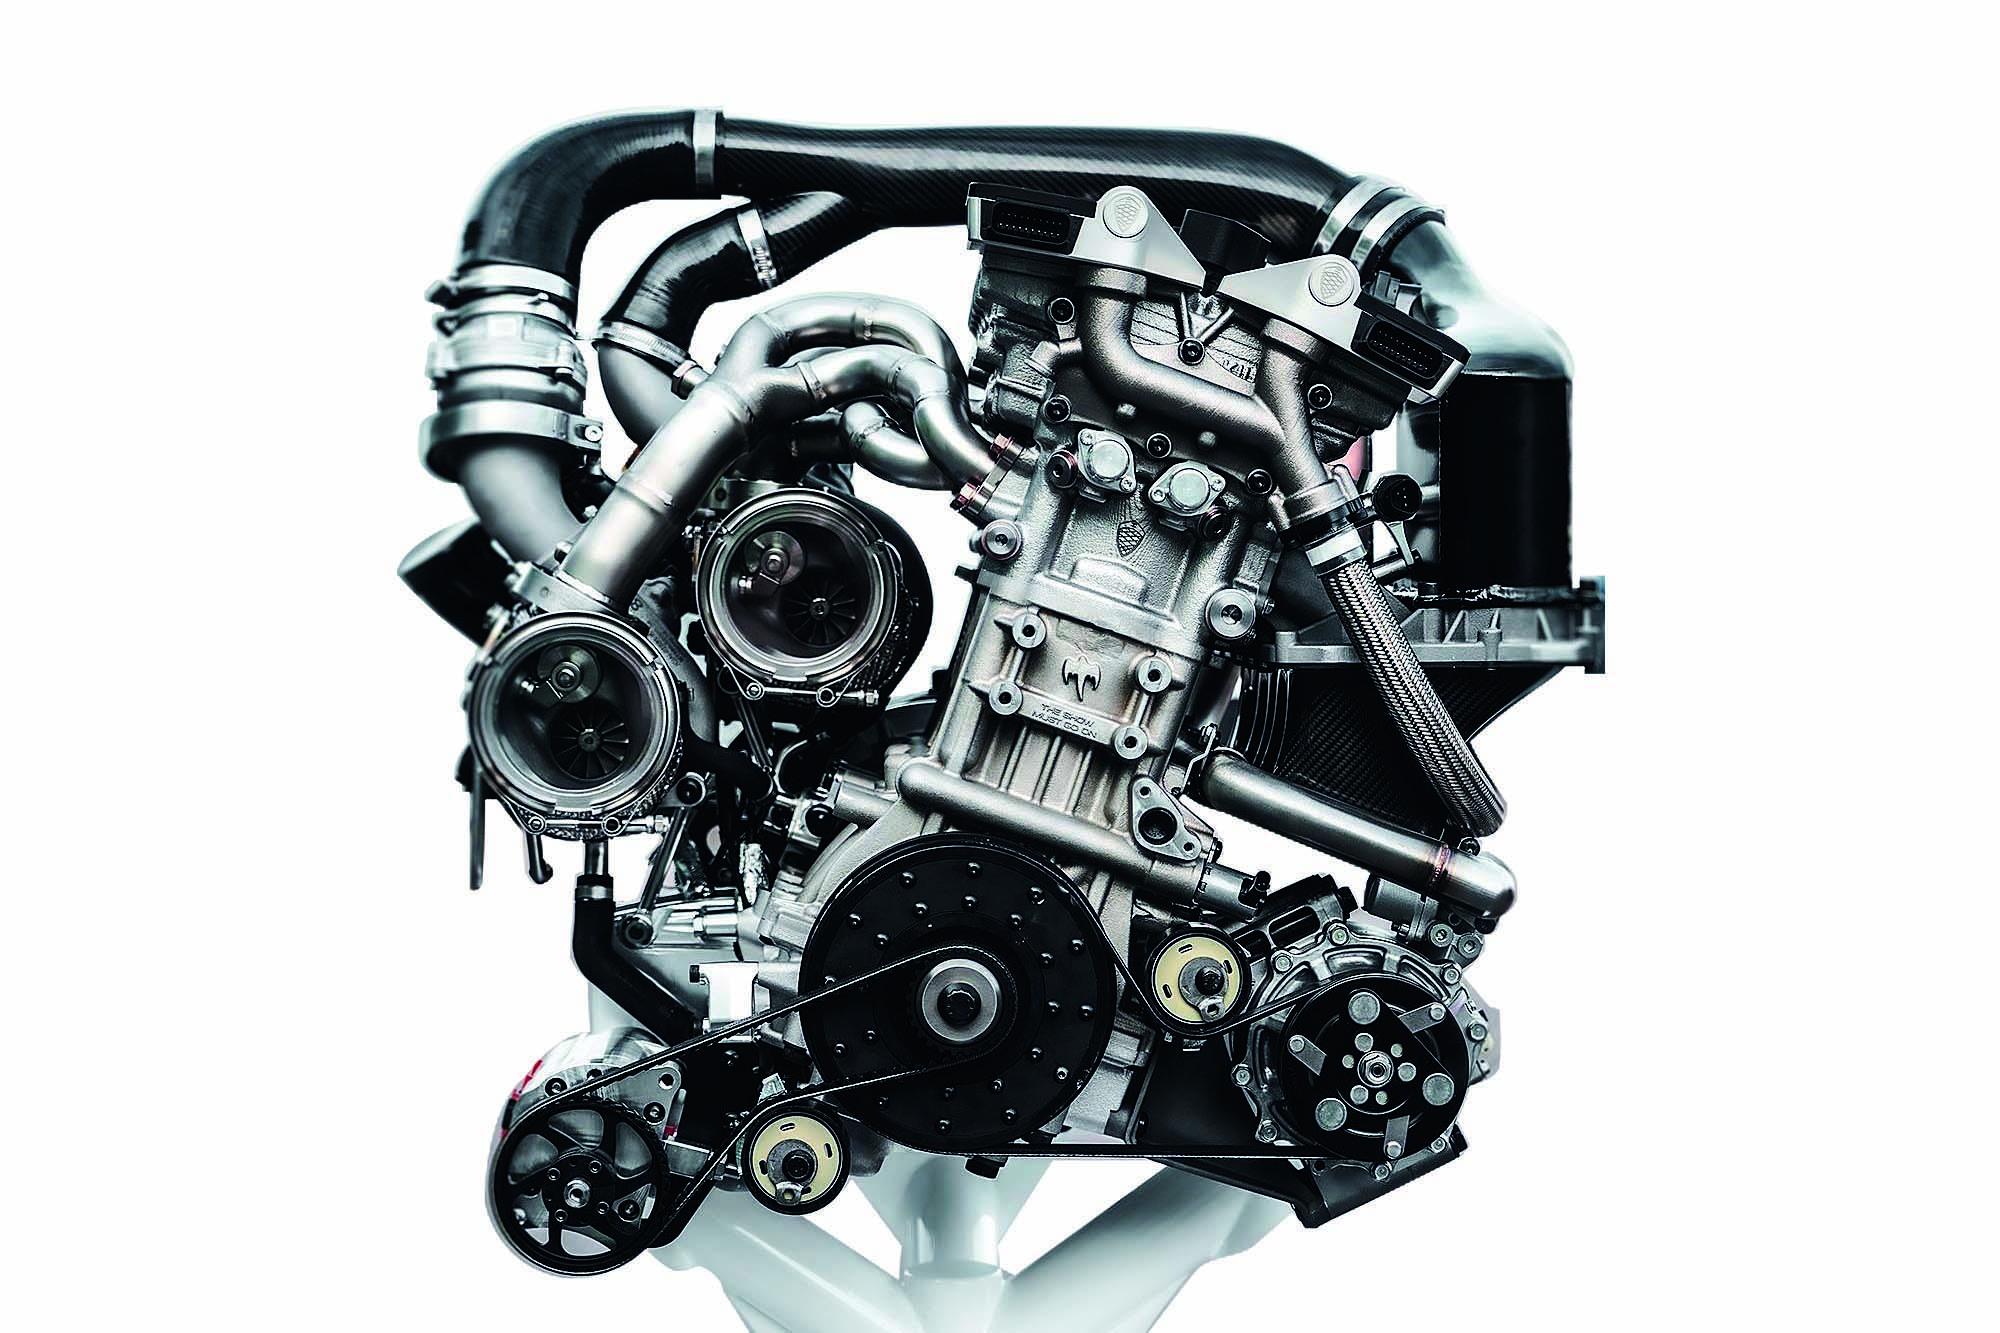 Motor 2.0 tem atuadores de válvulas hidropneumáticos